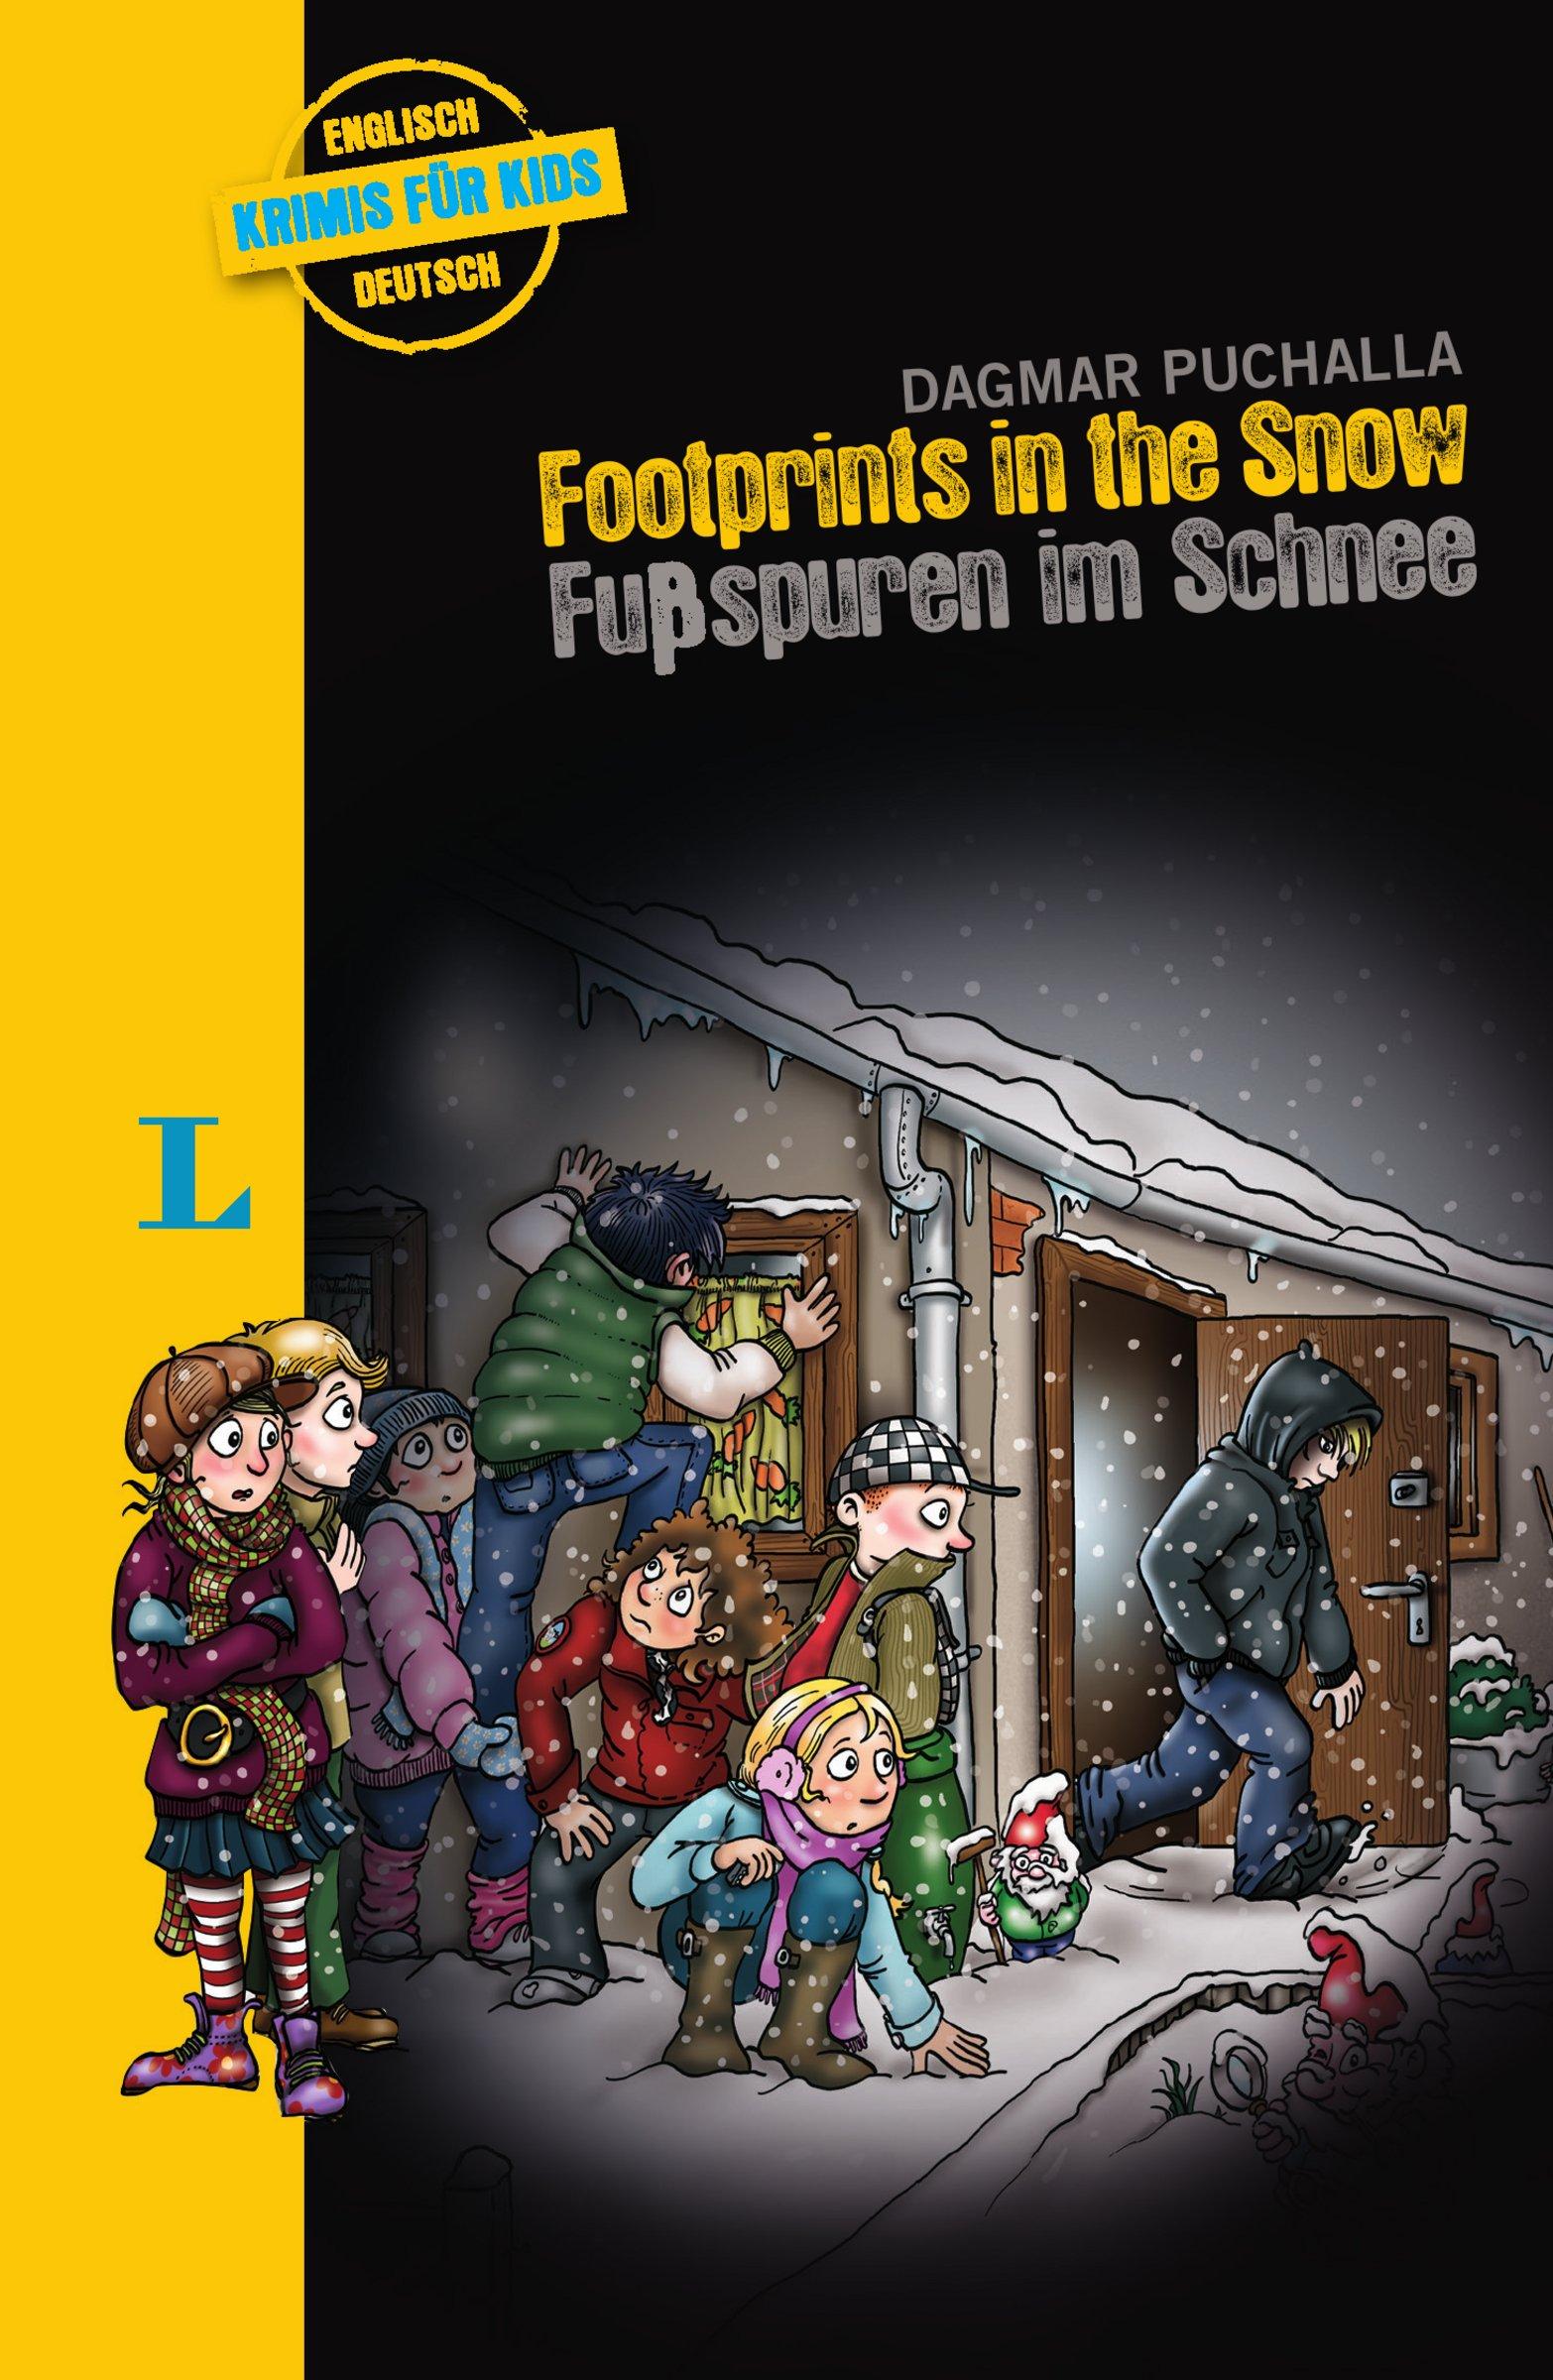 Footprints in the Snow – Fußspuren im Schnee: Krimi für Kids